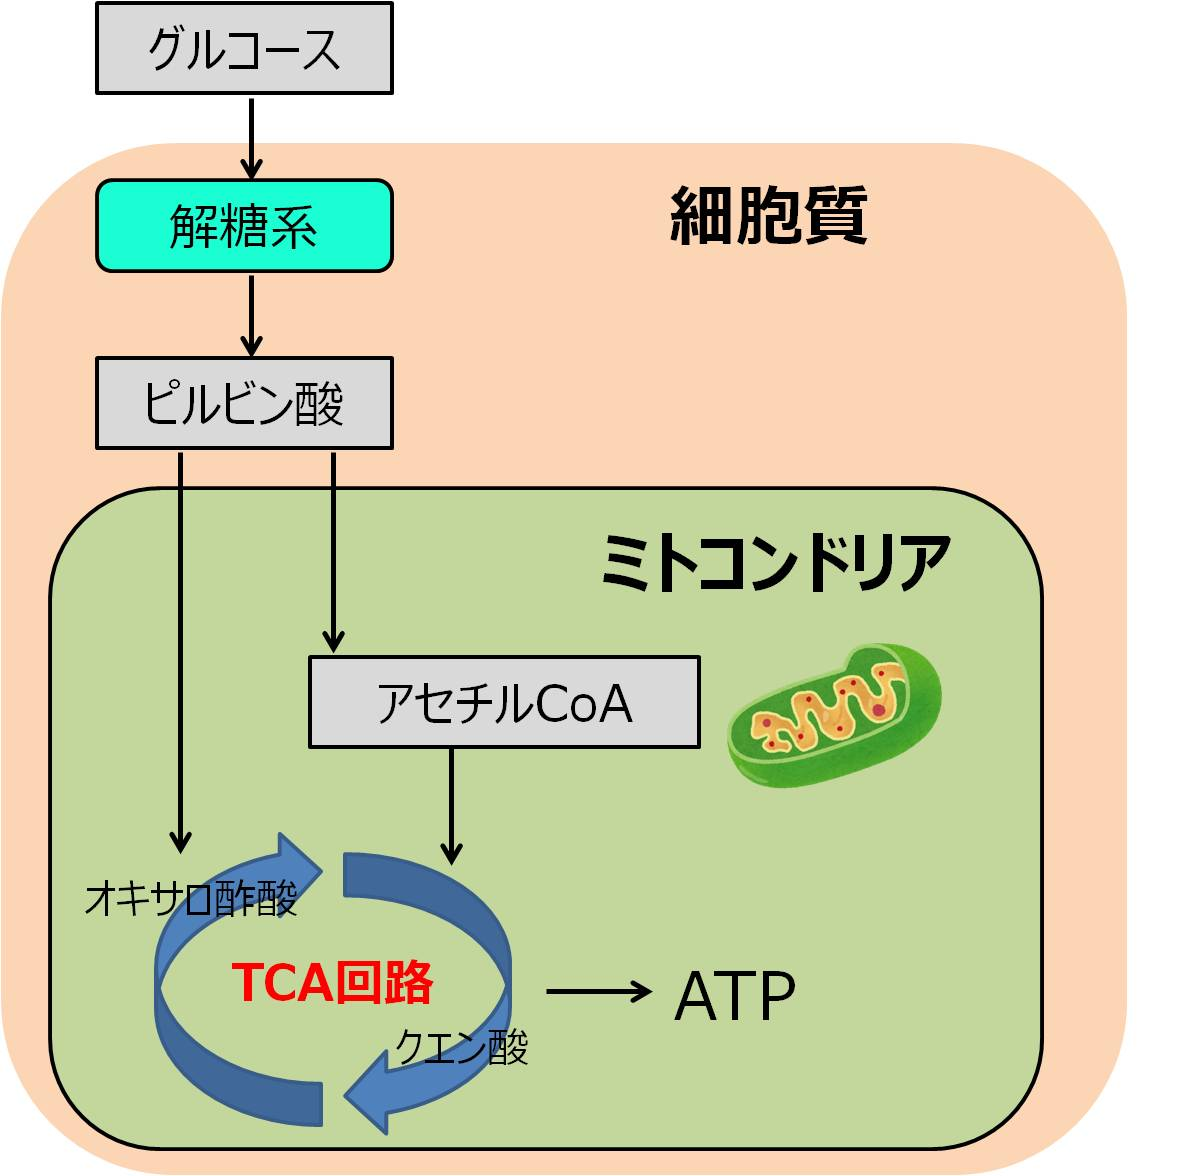 ケトン体 解糖系